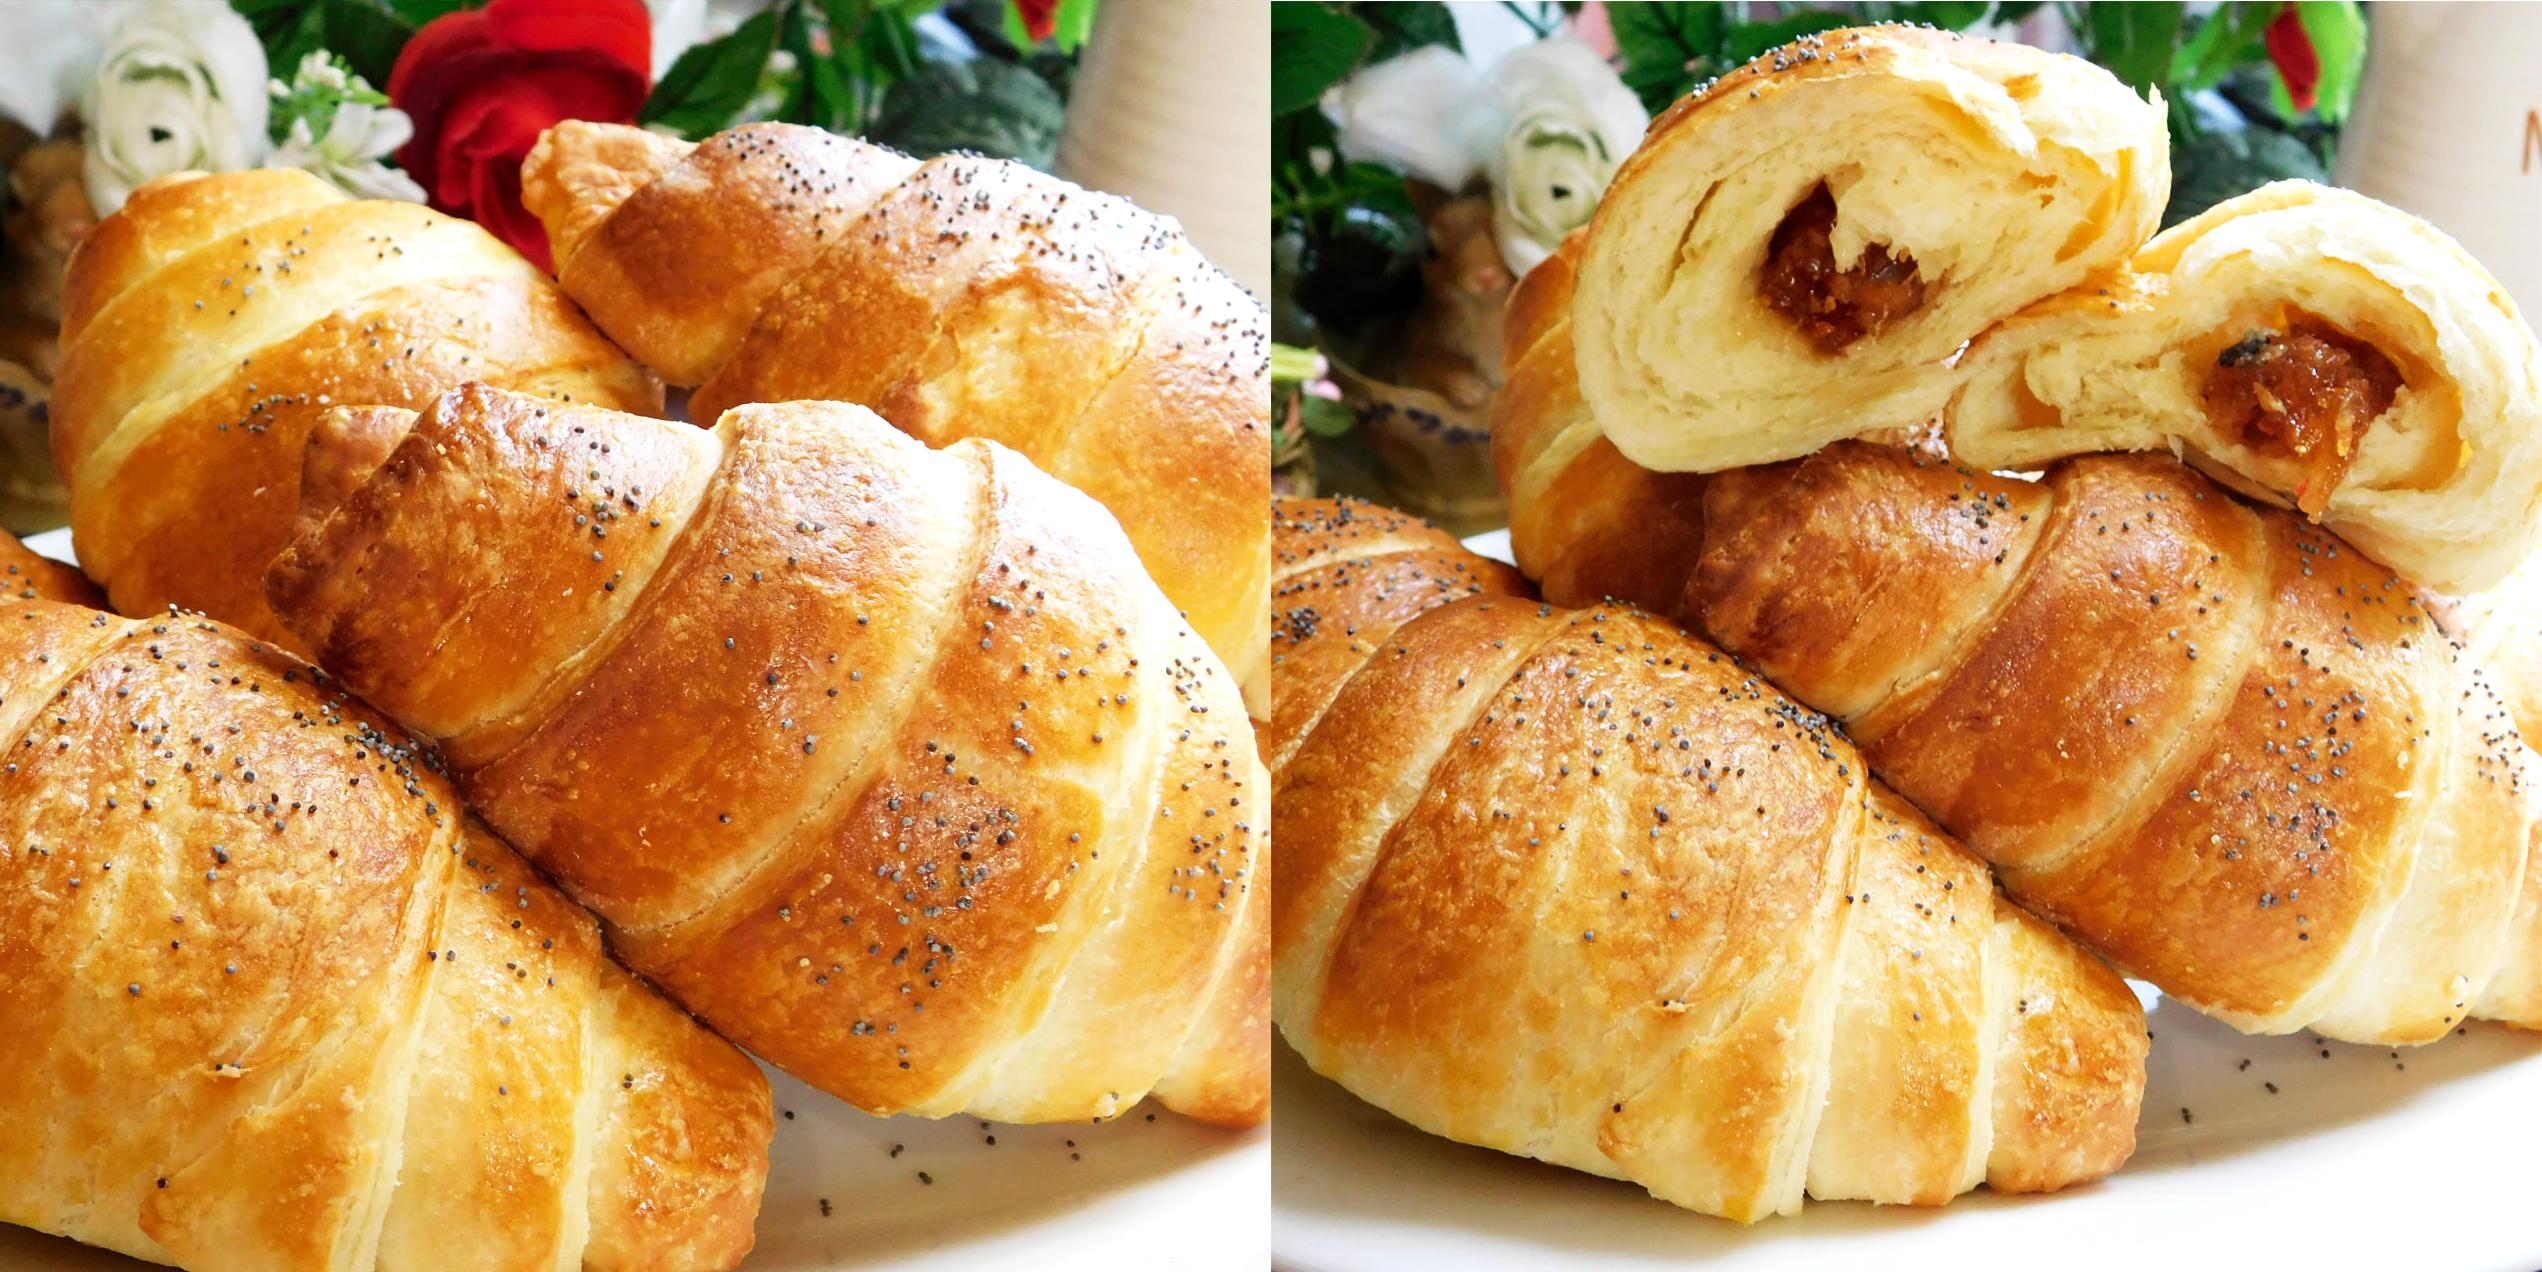 Công thức làm bánh sừng trâu thơm béo mềm ngon đúng chuẩn